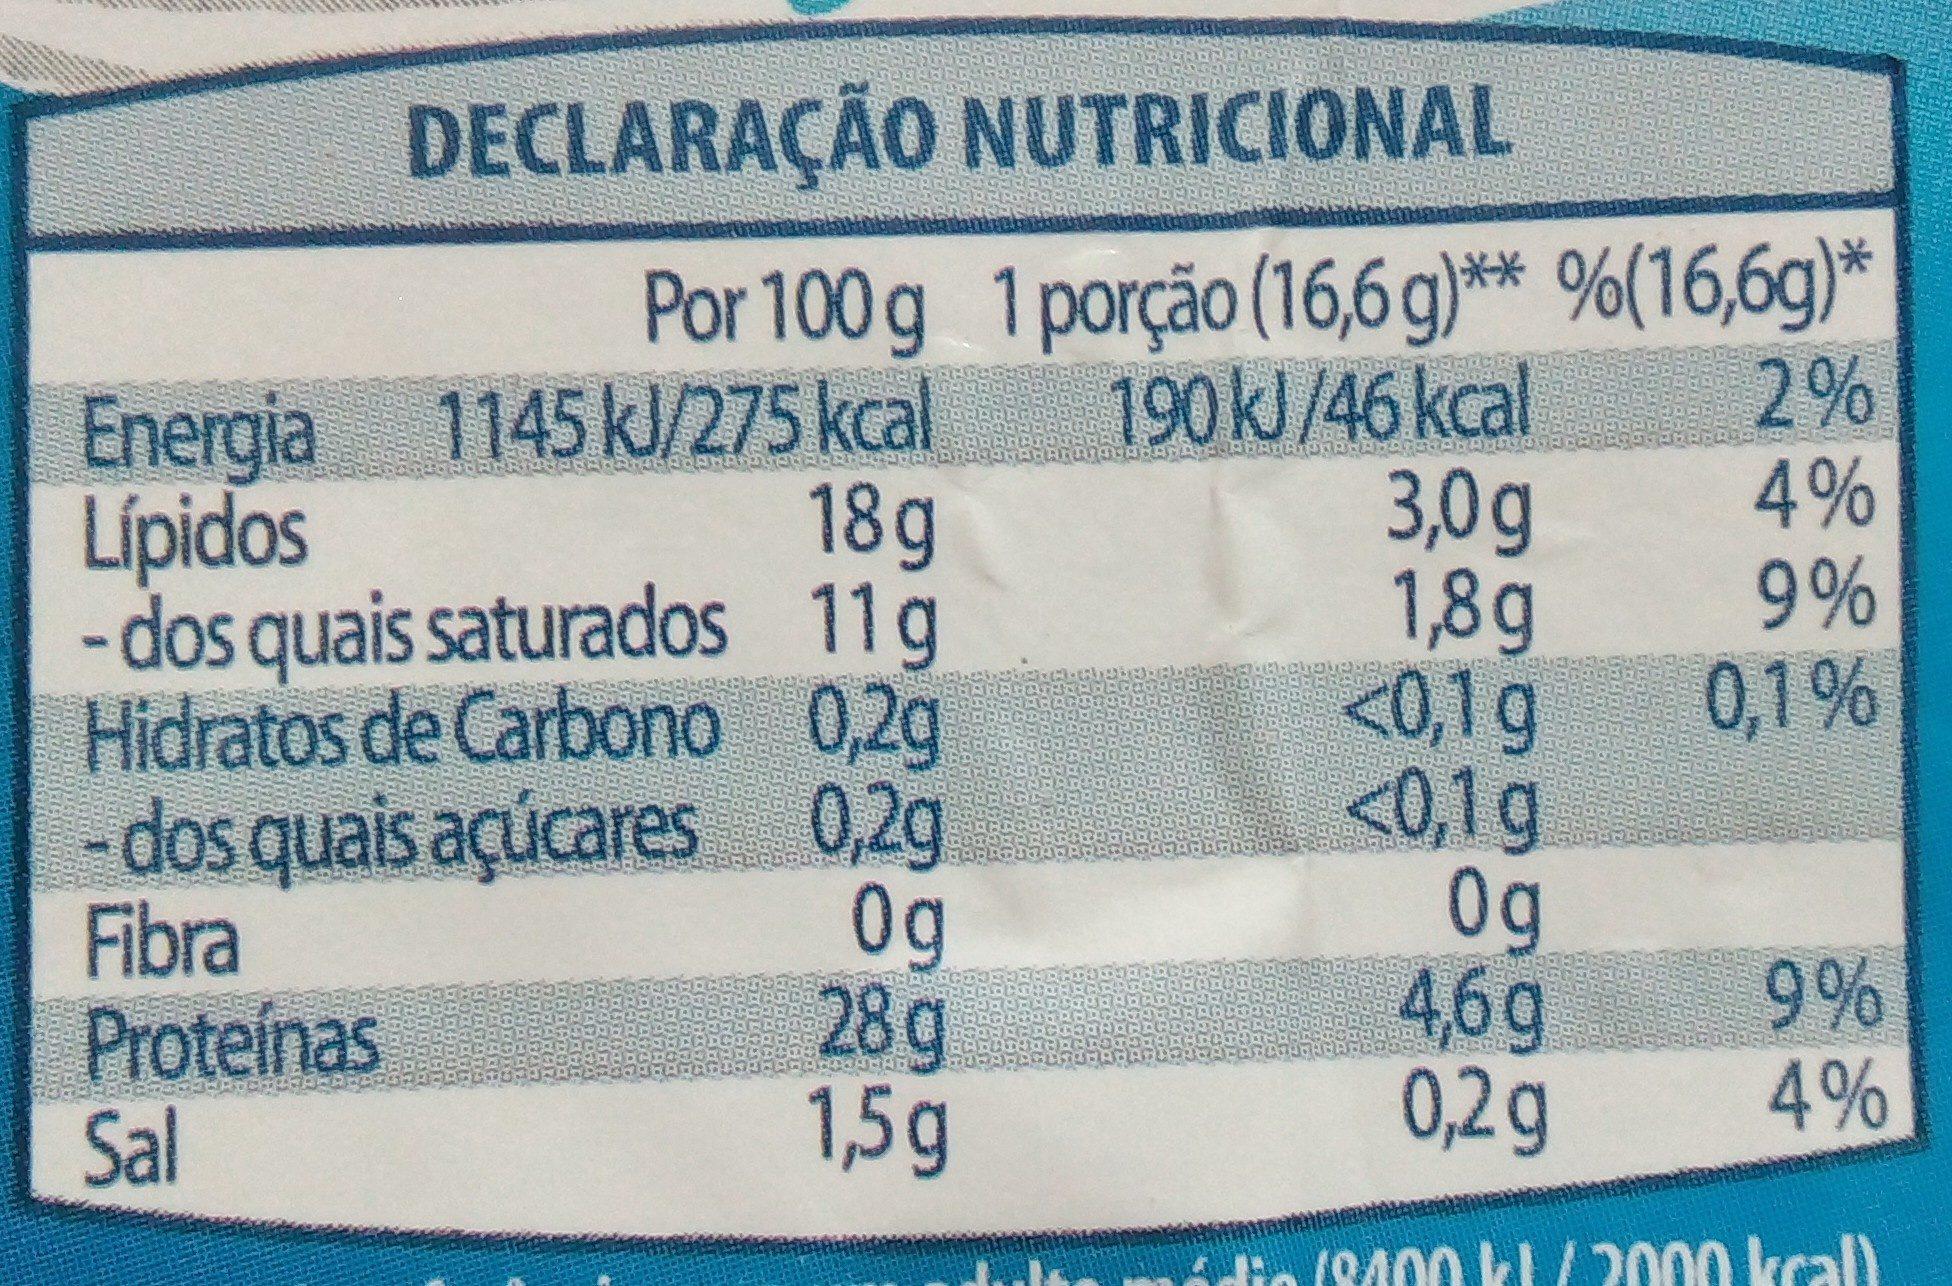 Queijo Flamengo Fatiado light - Nutrition facts - pt